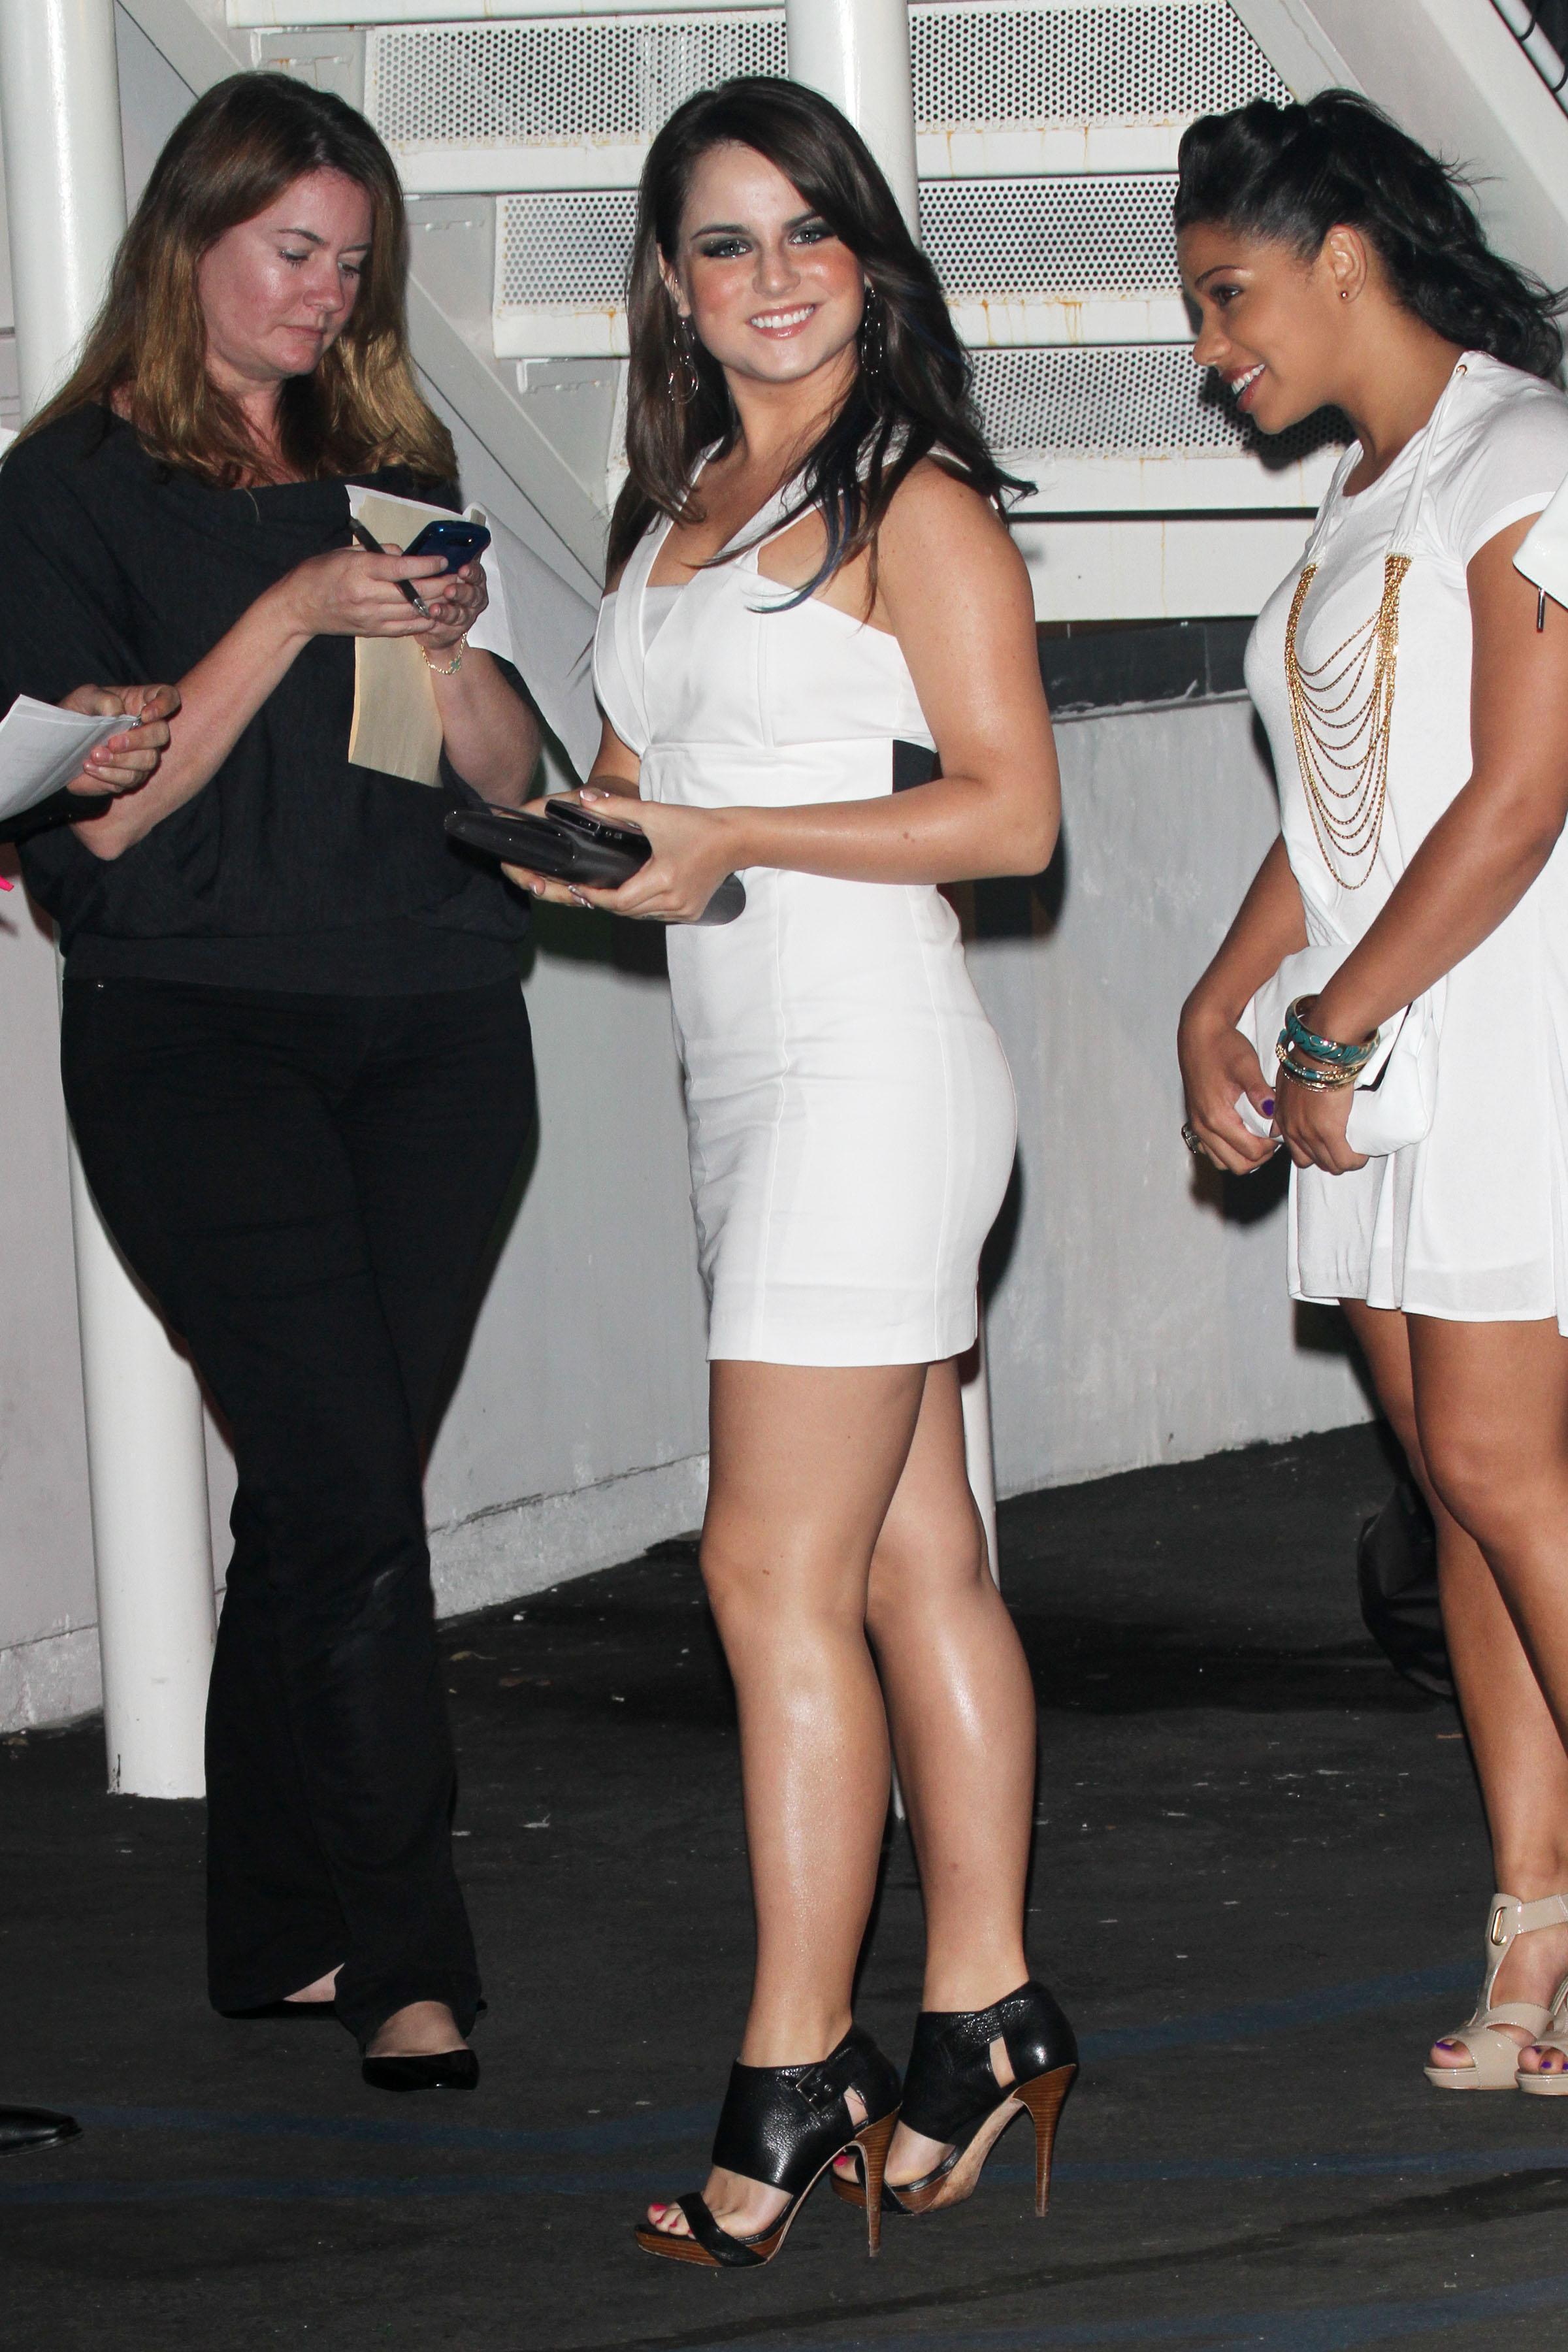 73857_Joanna_JoJo_Levesque_arrives_to_celebrate_Katy_Perrys_25th_birthday_party-4_122_517lo.jpg